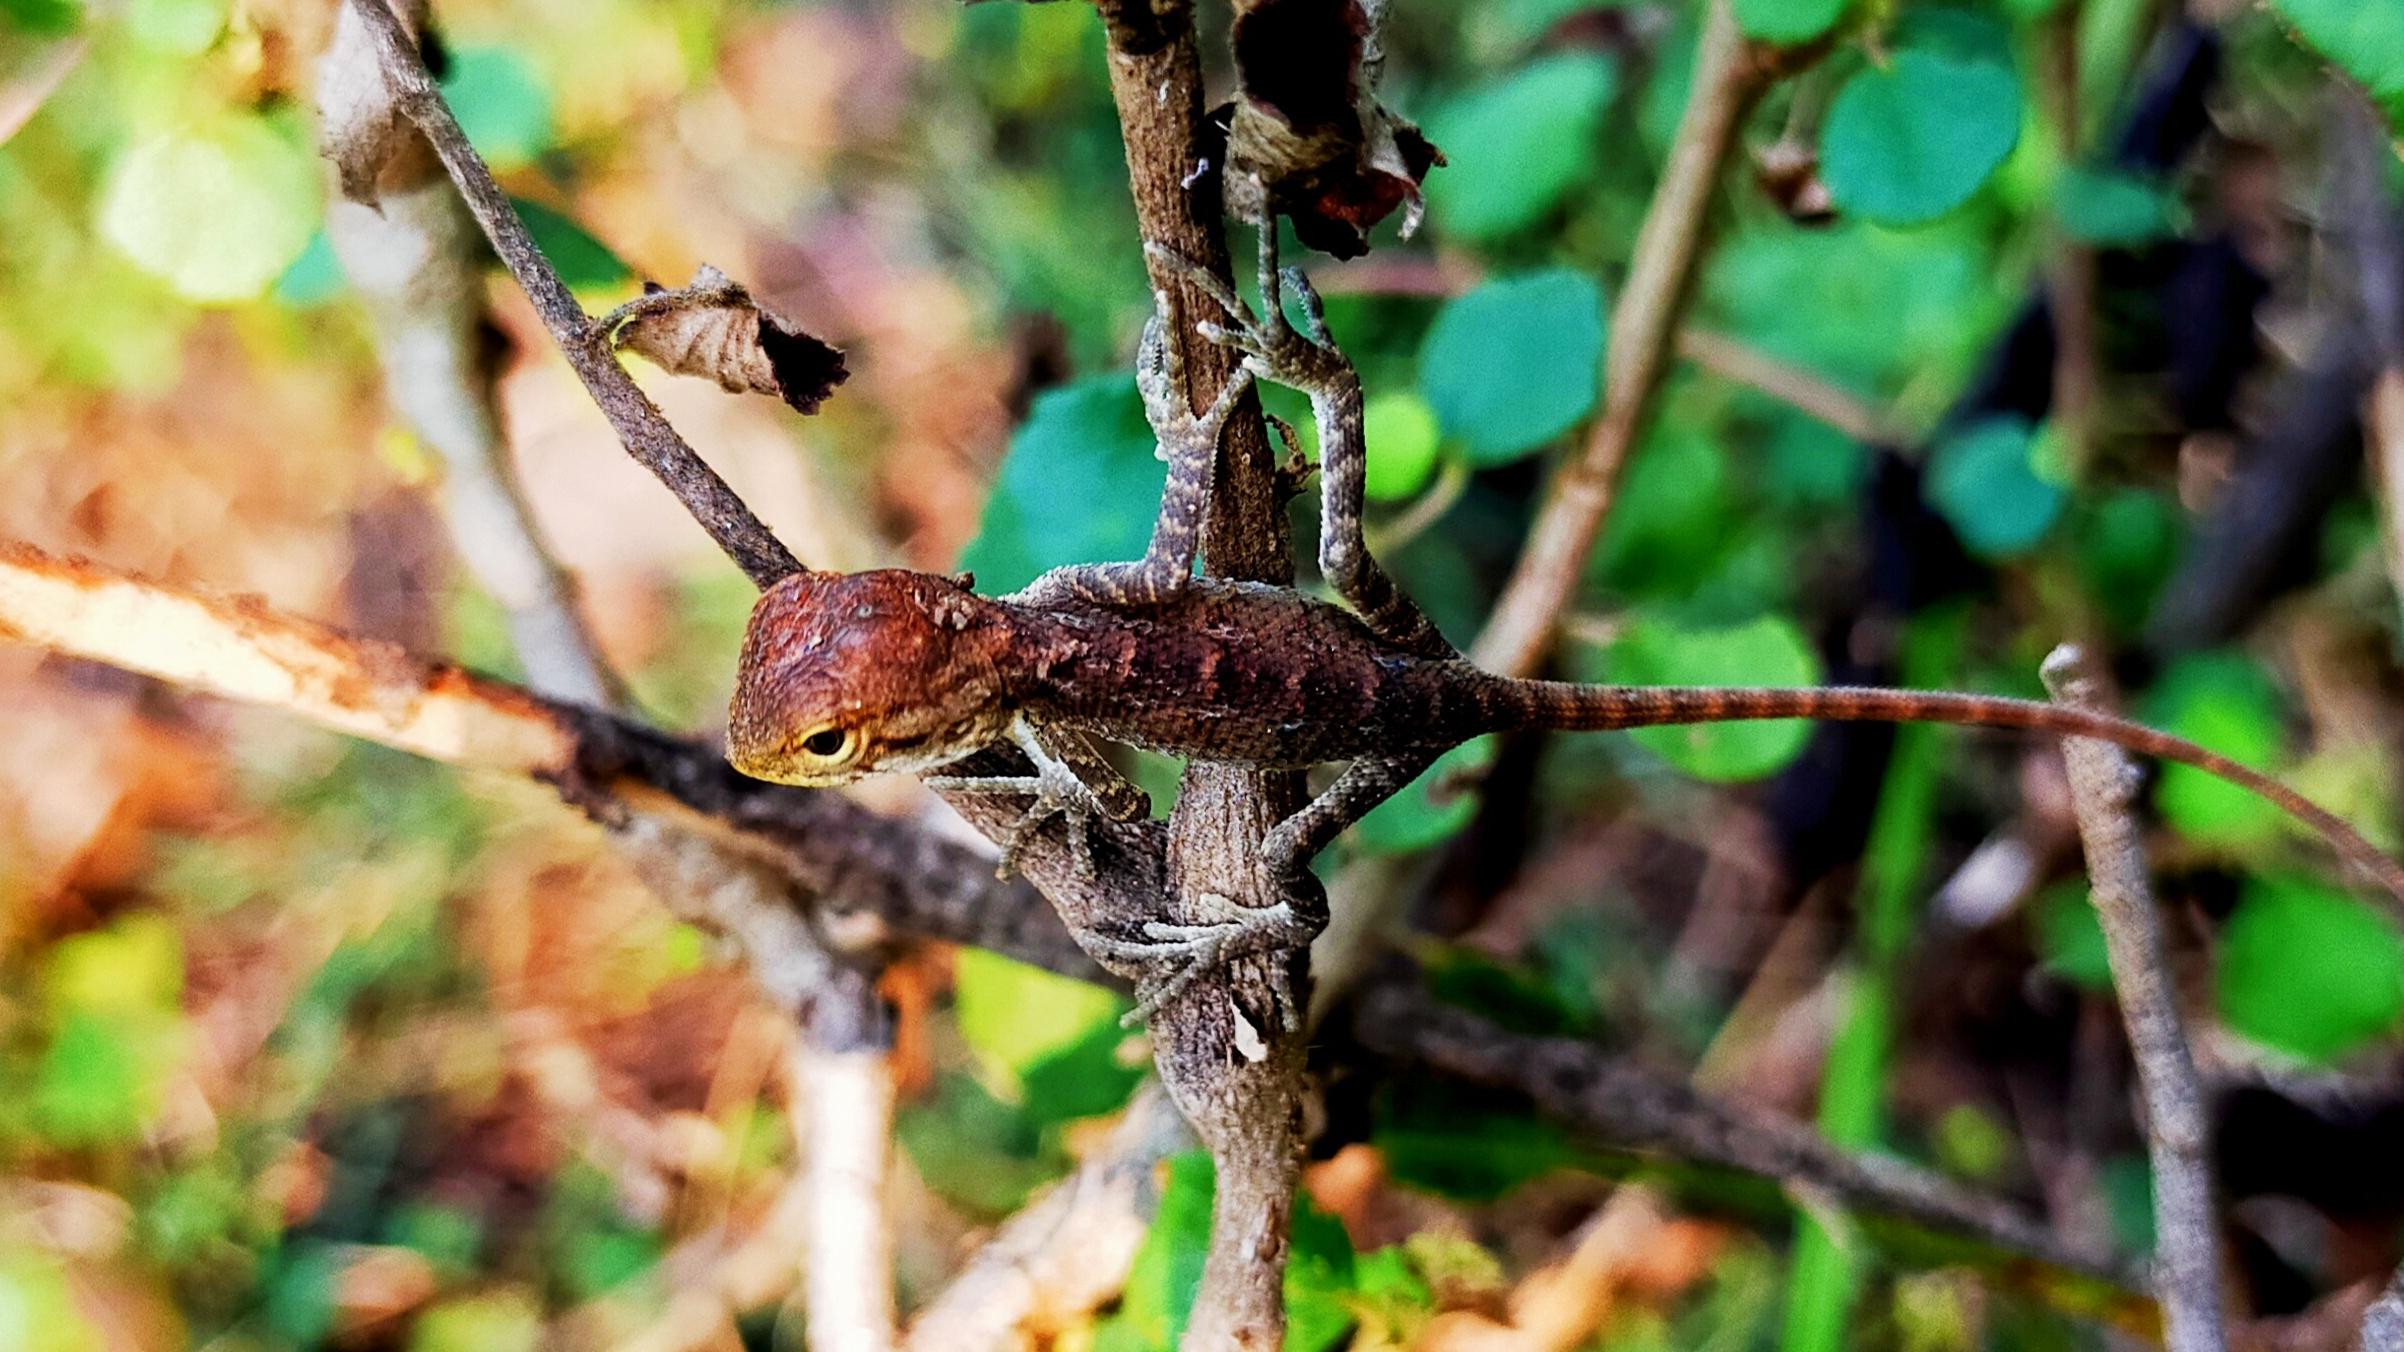 Chameleon on plant stem